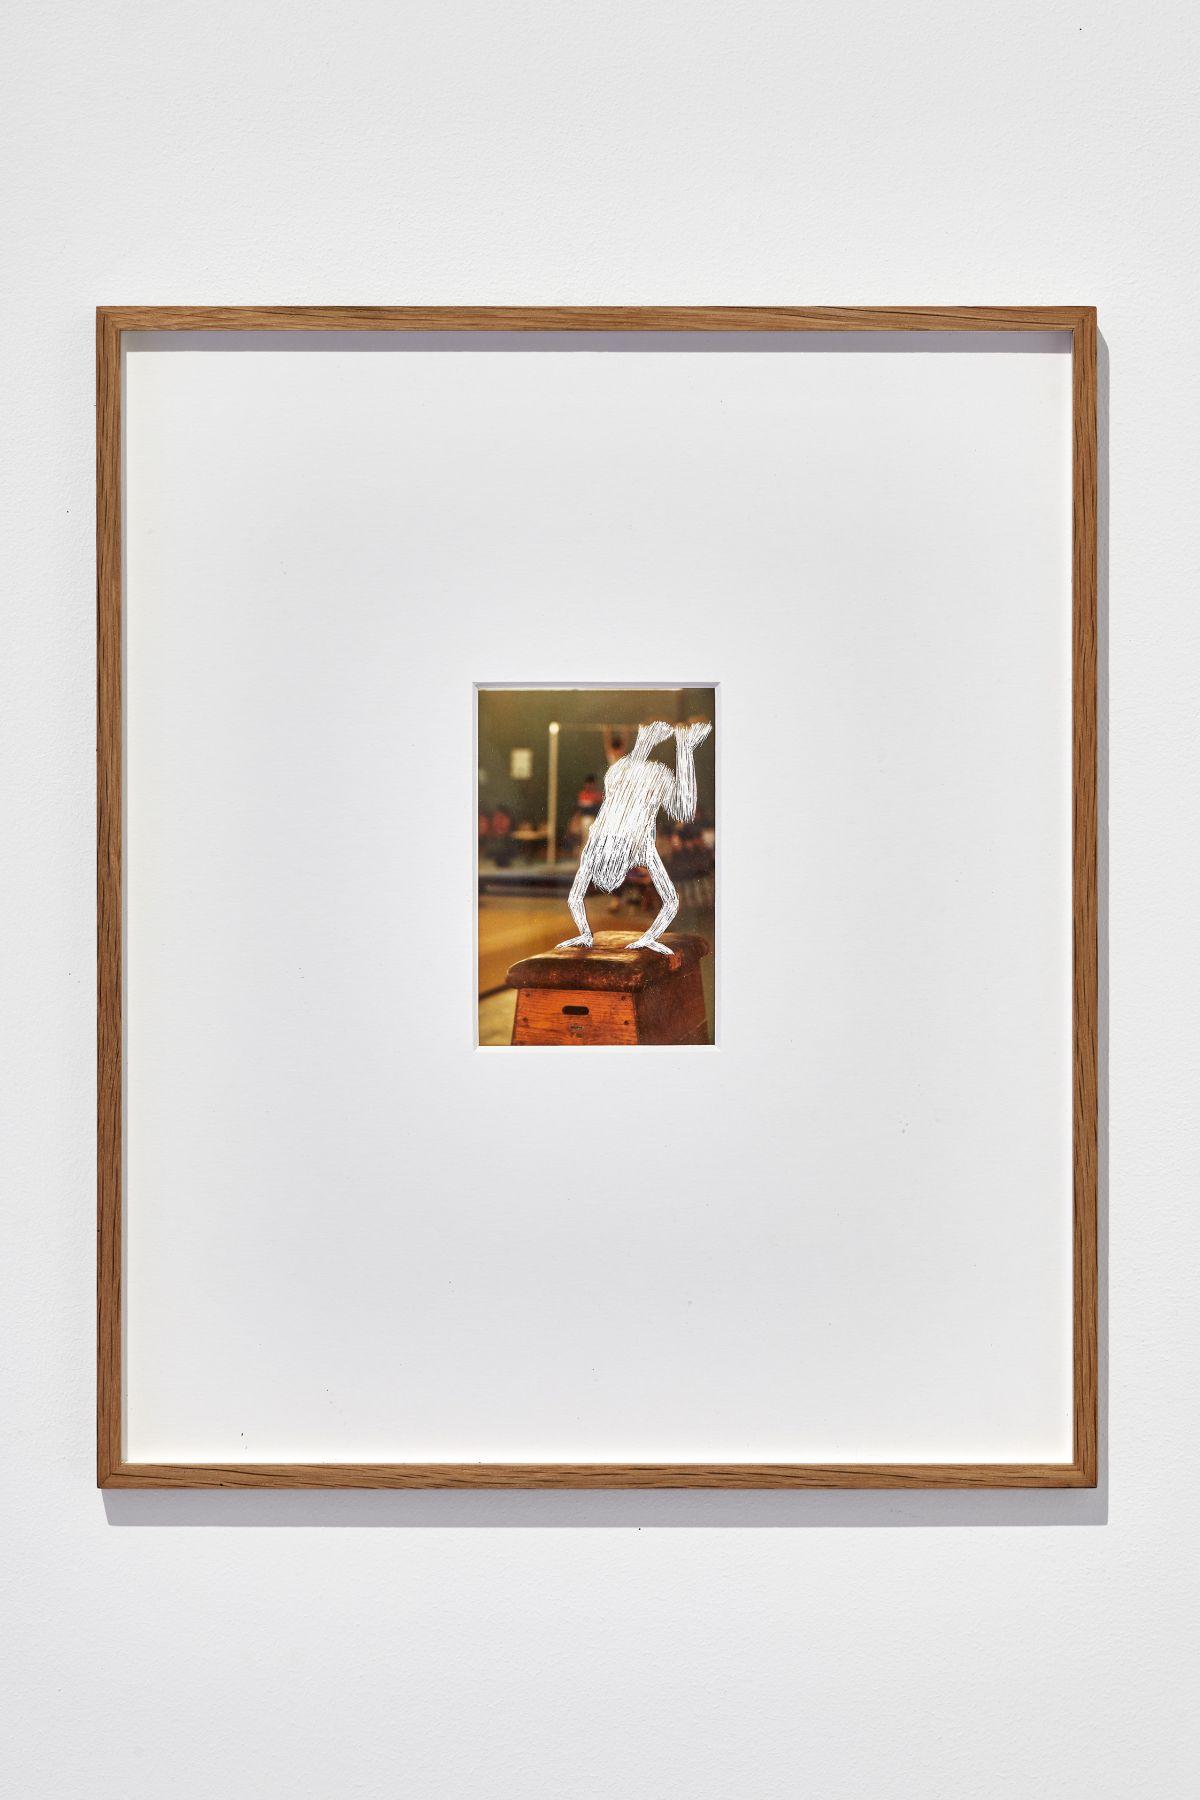 Gilles Pourtier - Deviens ce que tu hais (fils, frère , père) 2014 - Rodéo Sauvage au Château de Servières ®Jean-christophe Lett